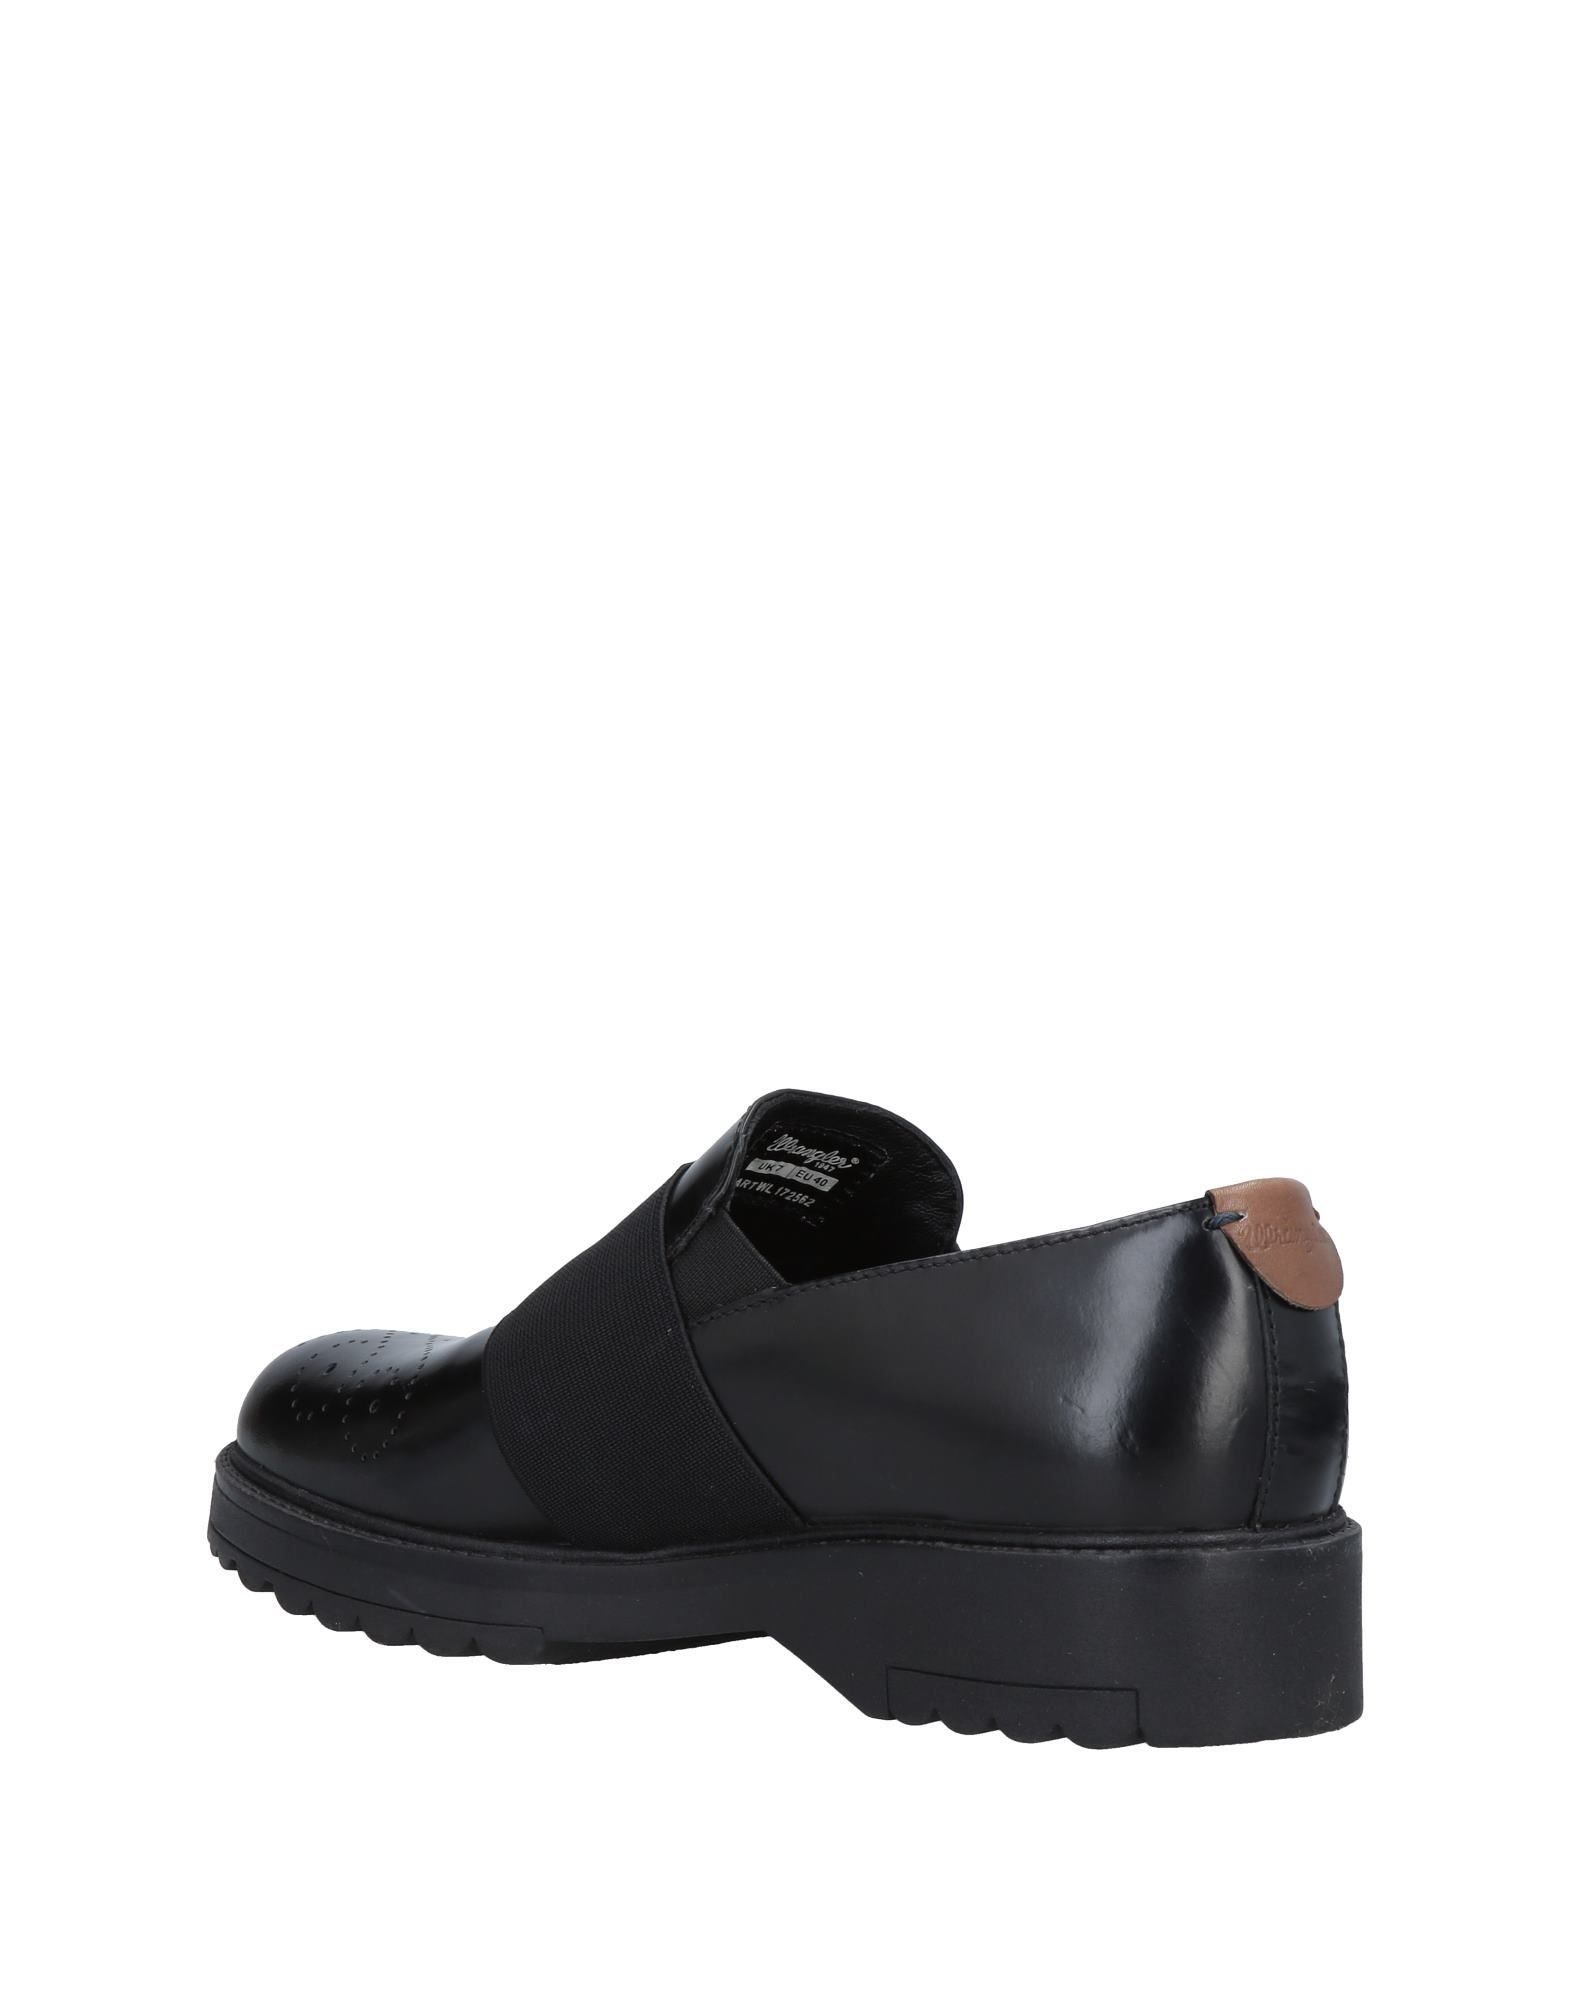 Wrangler Wrangler Wrangler Mokassins Damen 11491001XJ Gute Qualität beliebte Schuhe 0aefe3